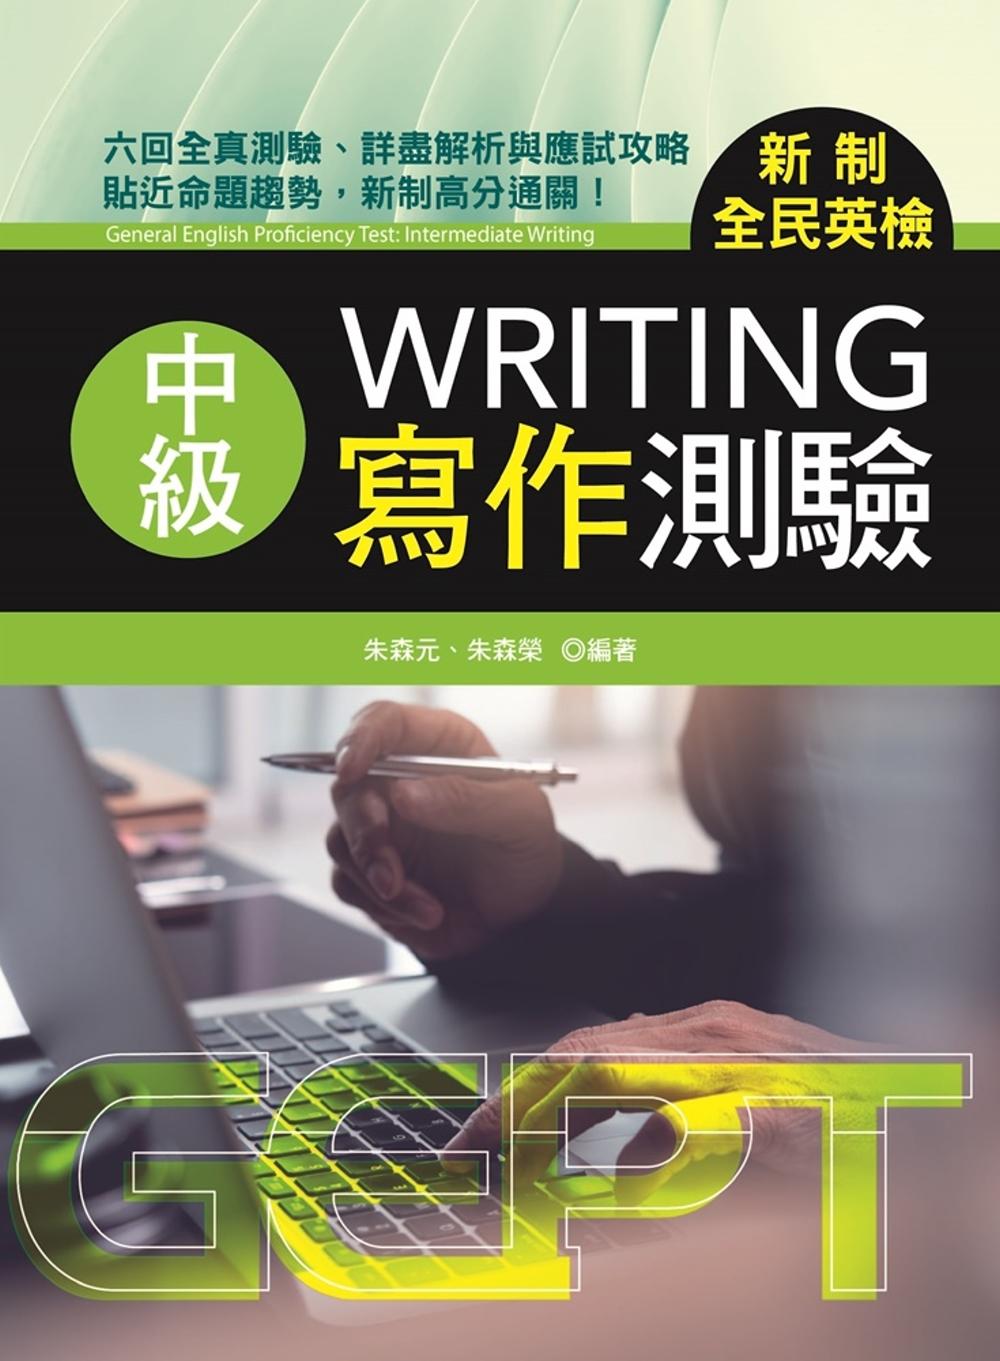 新制全民英檢中級寫作測驗